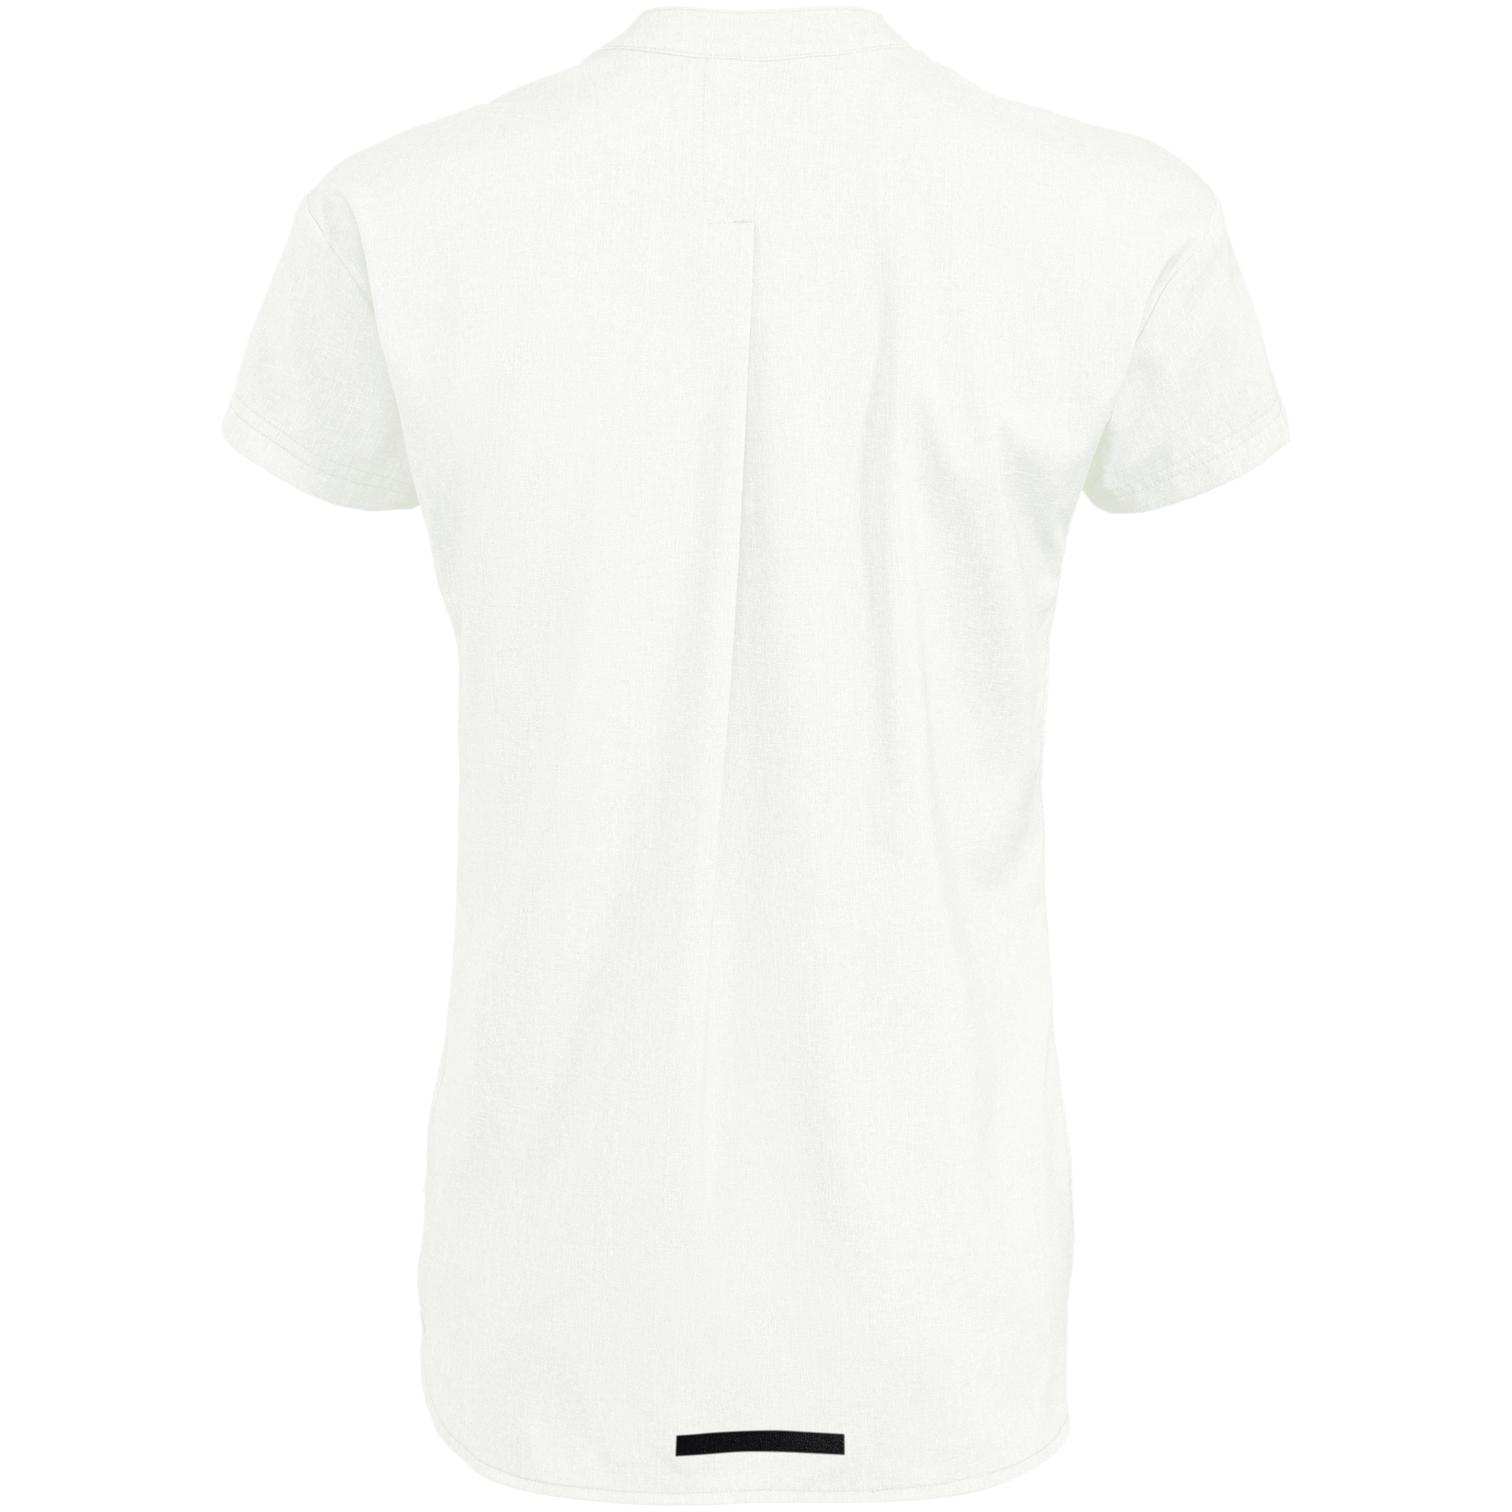 Bild von Vaude Turifo Damen Hybrid-Shirt - white